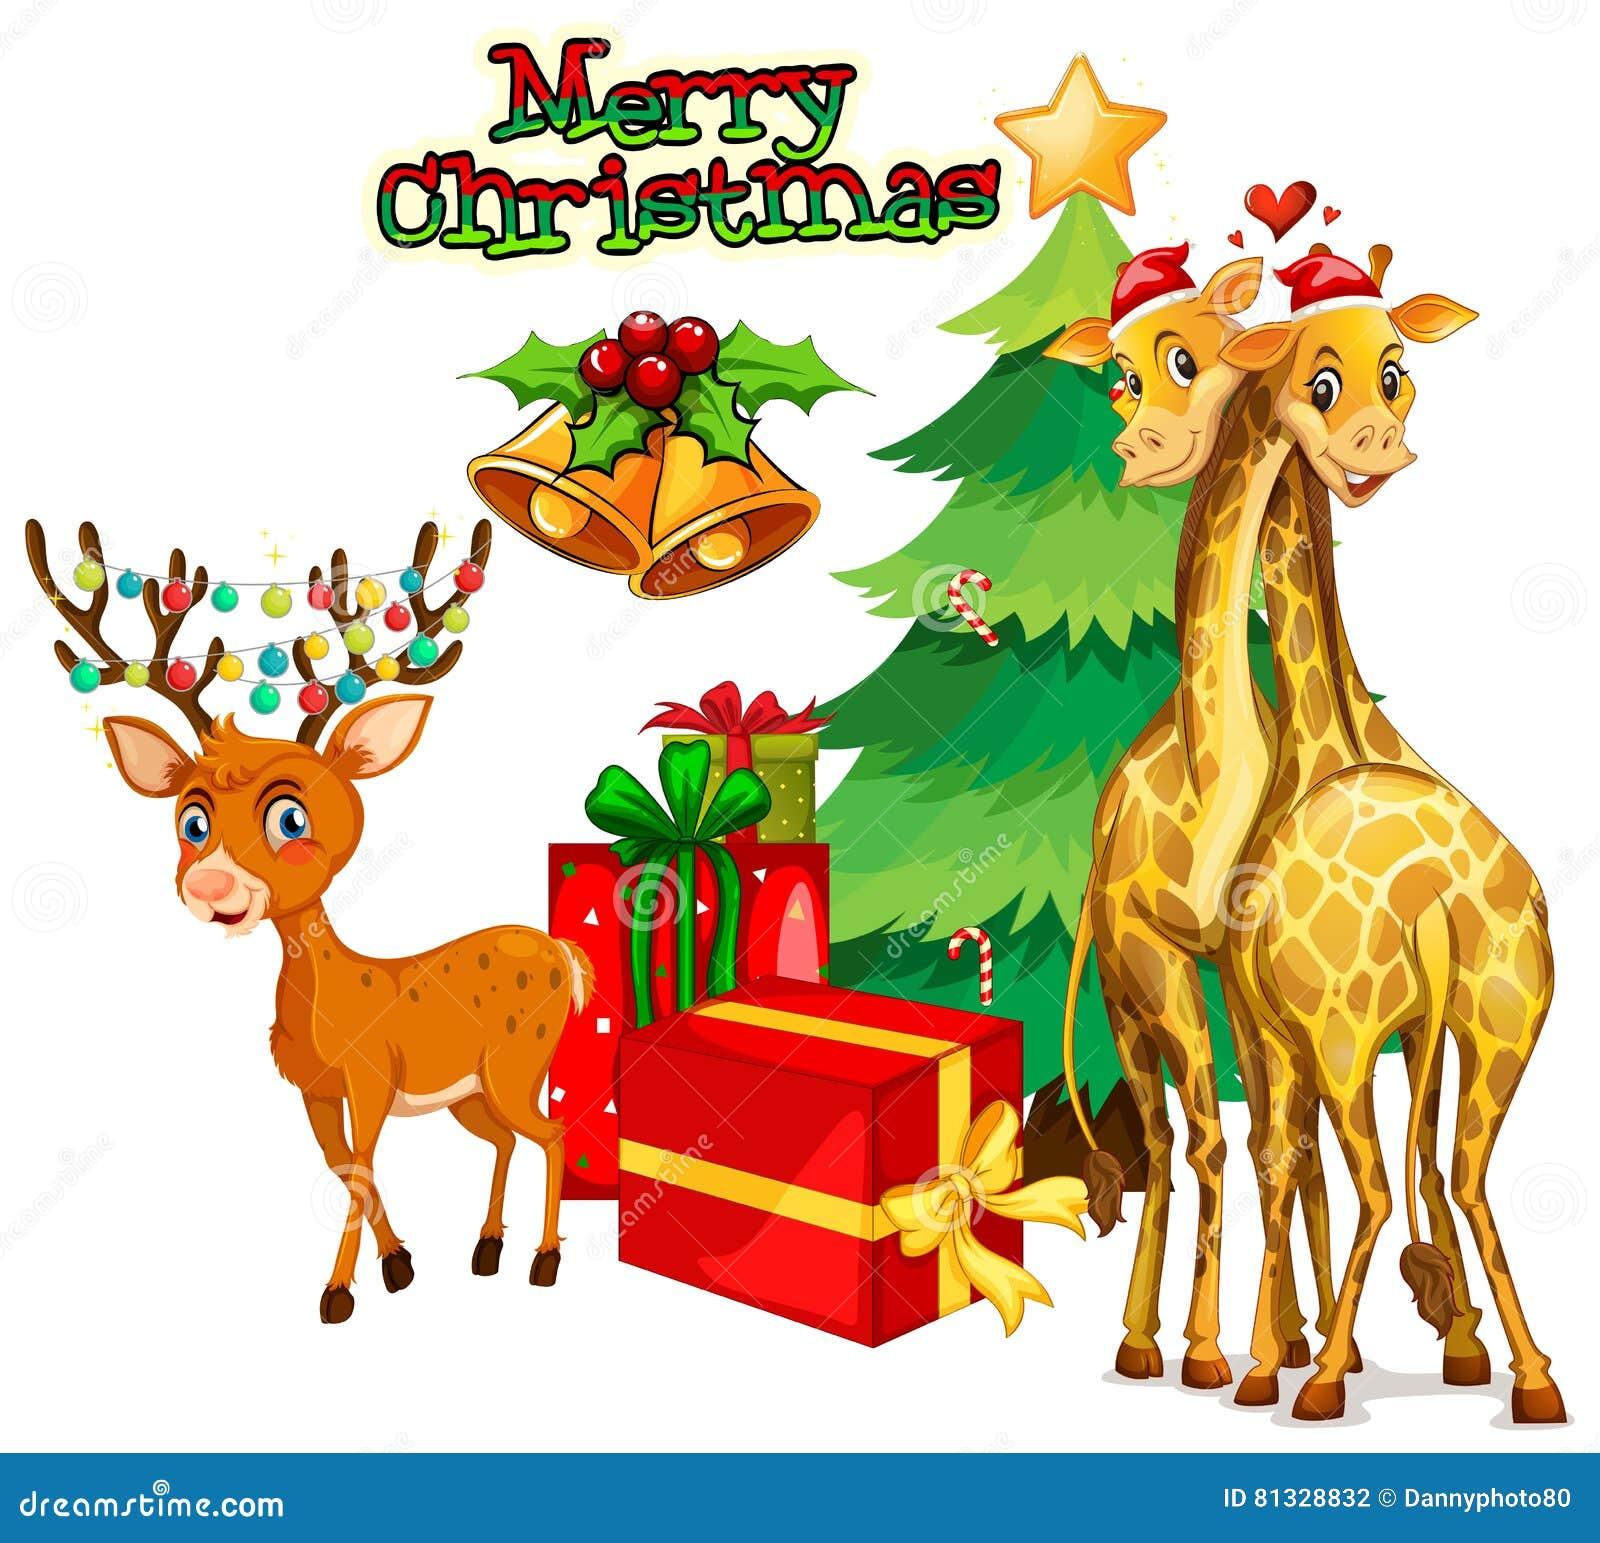 Weihnachtsmotive Zum Kopieren.Weihnachtsmotiv Mit Rotwild Und Giraffe Vektor Abbildung